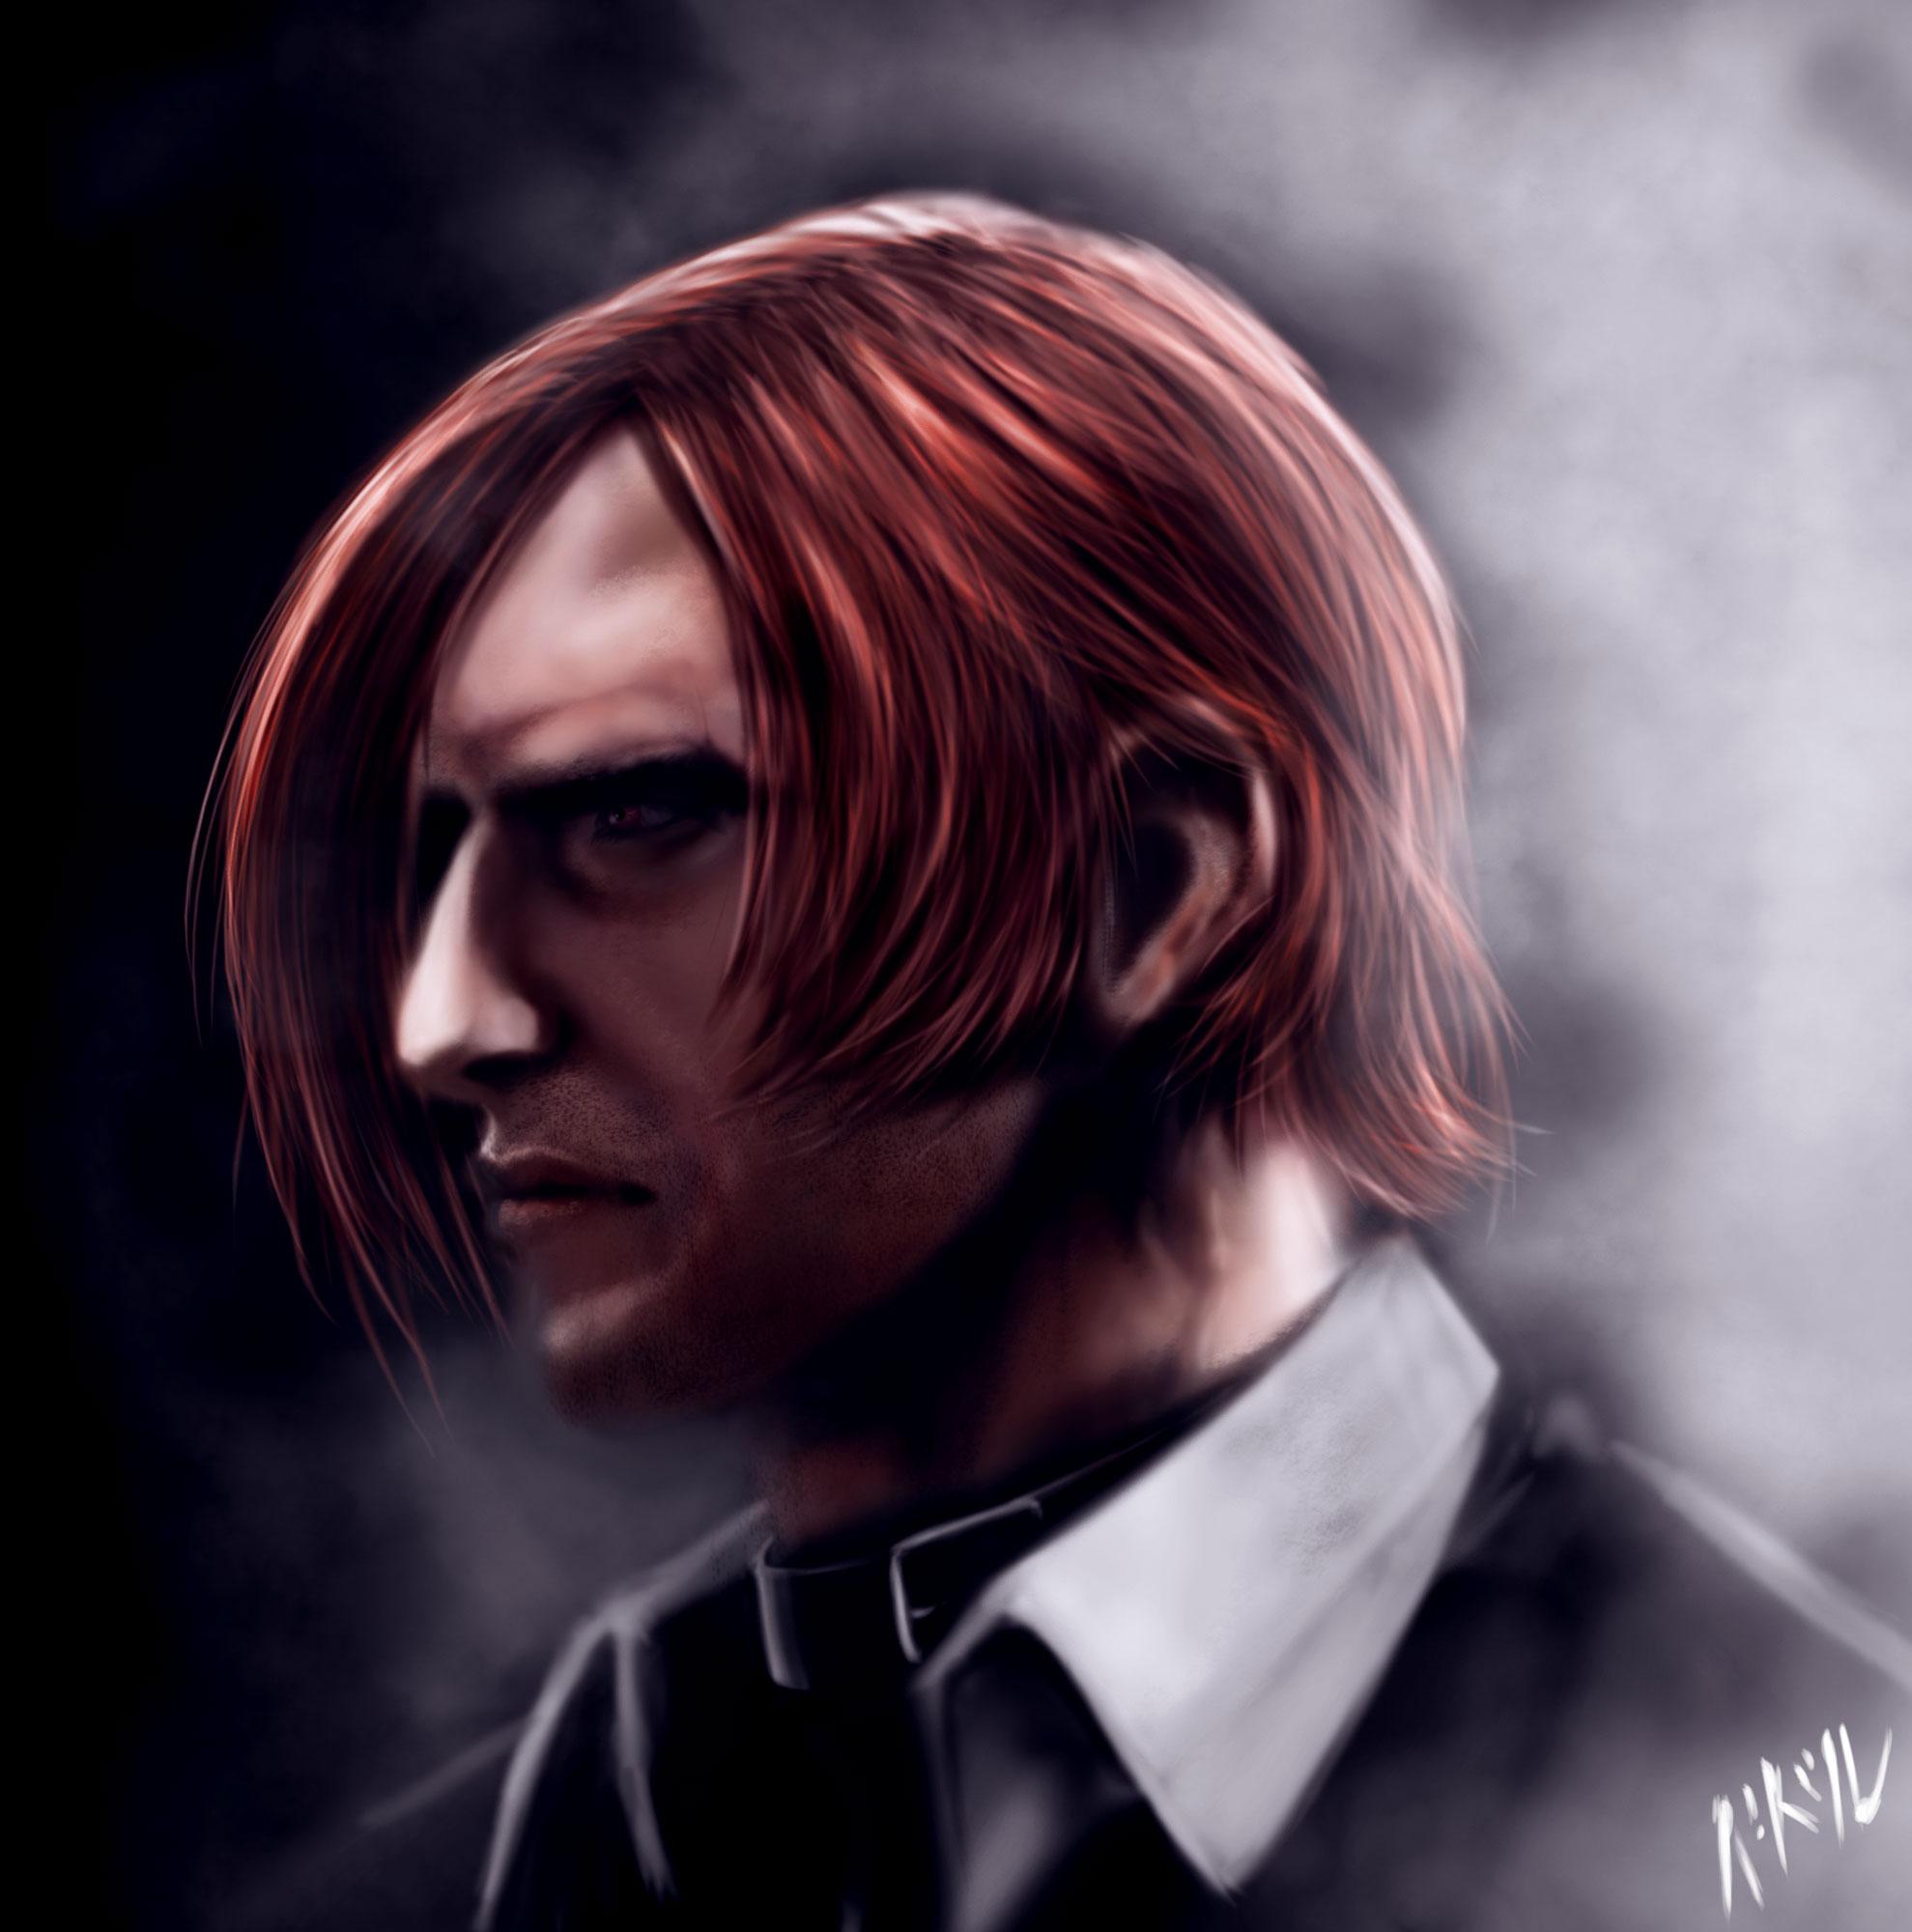 Iori Yagami Portrait by BaderBadruddin